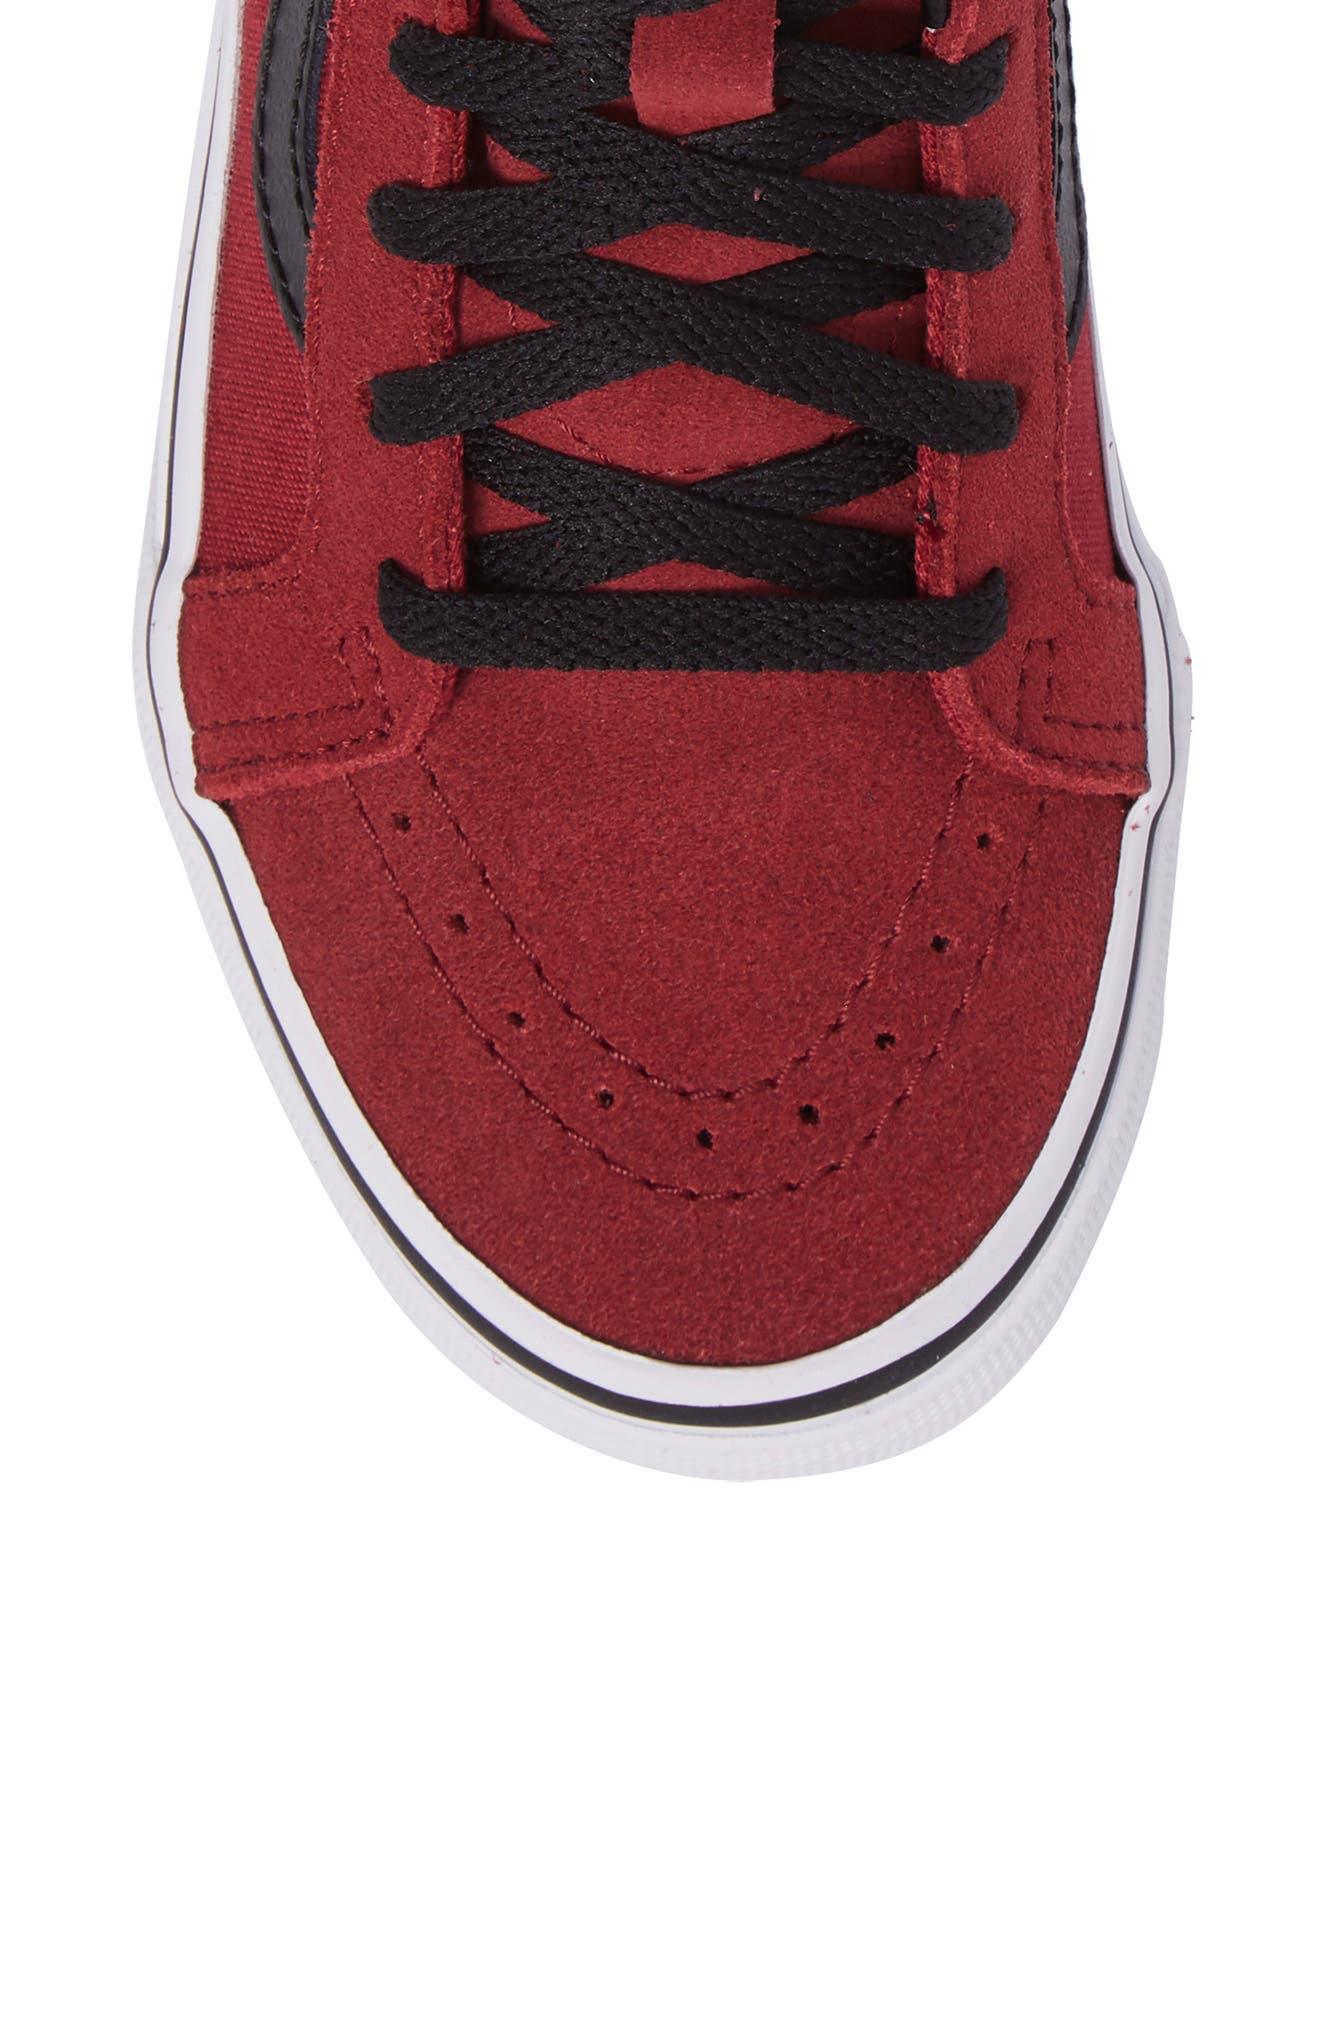 SK8-Hi Zip Sneaker,                             Alternate thumbnail 5, color,                             Tibetan Red/ Black